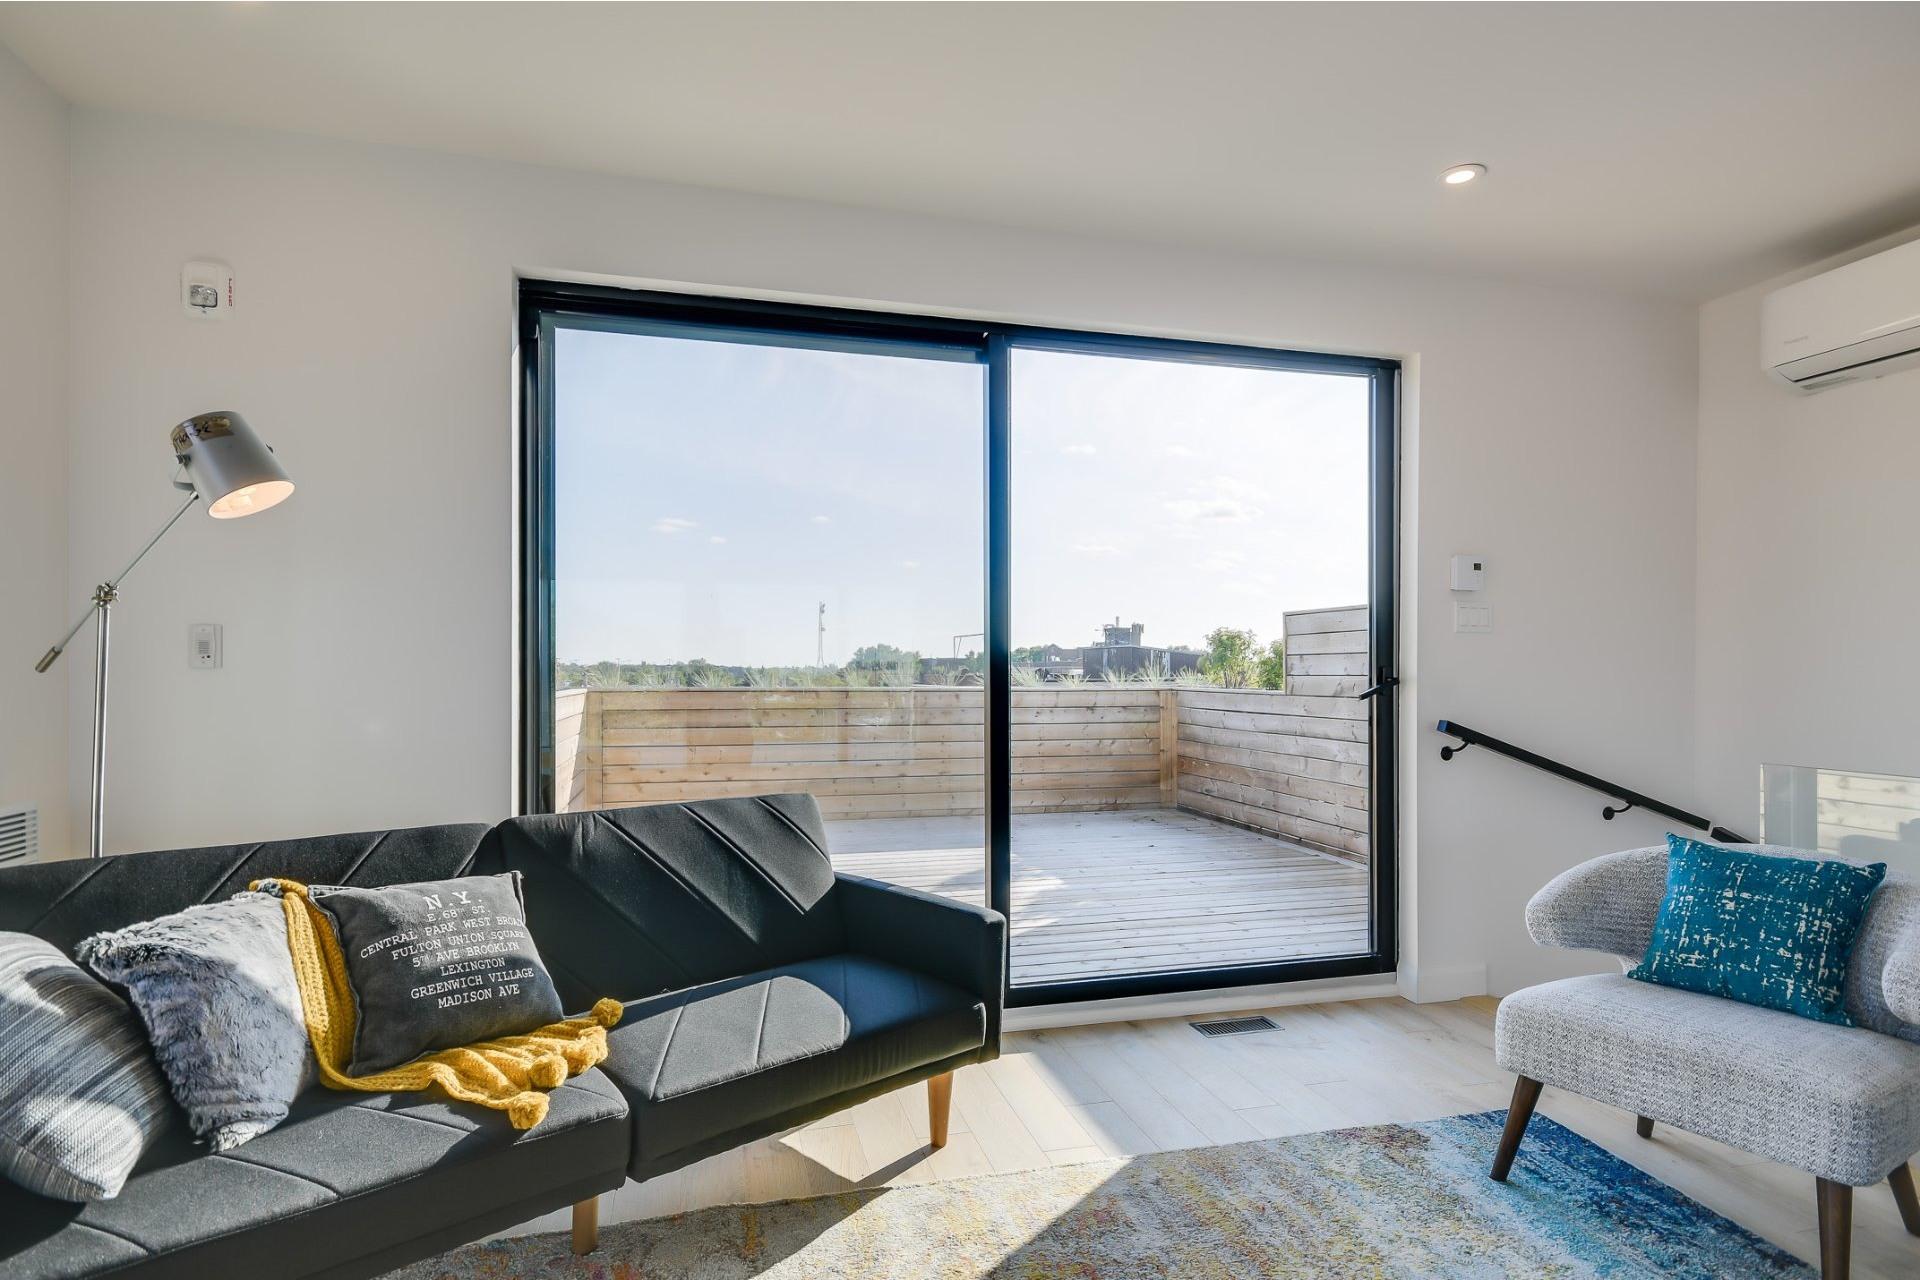 image 16 - Apartment For sale Villeray/Saint-Michel/Parc-Extension Montréal  - 7 rooms